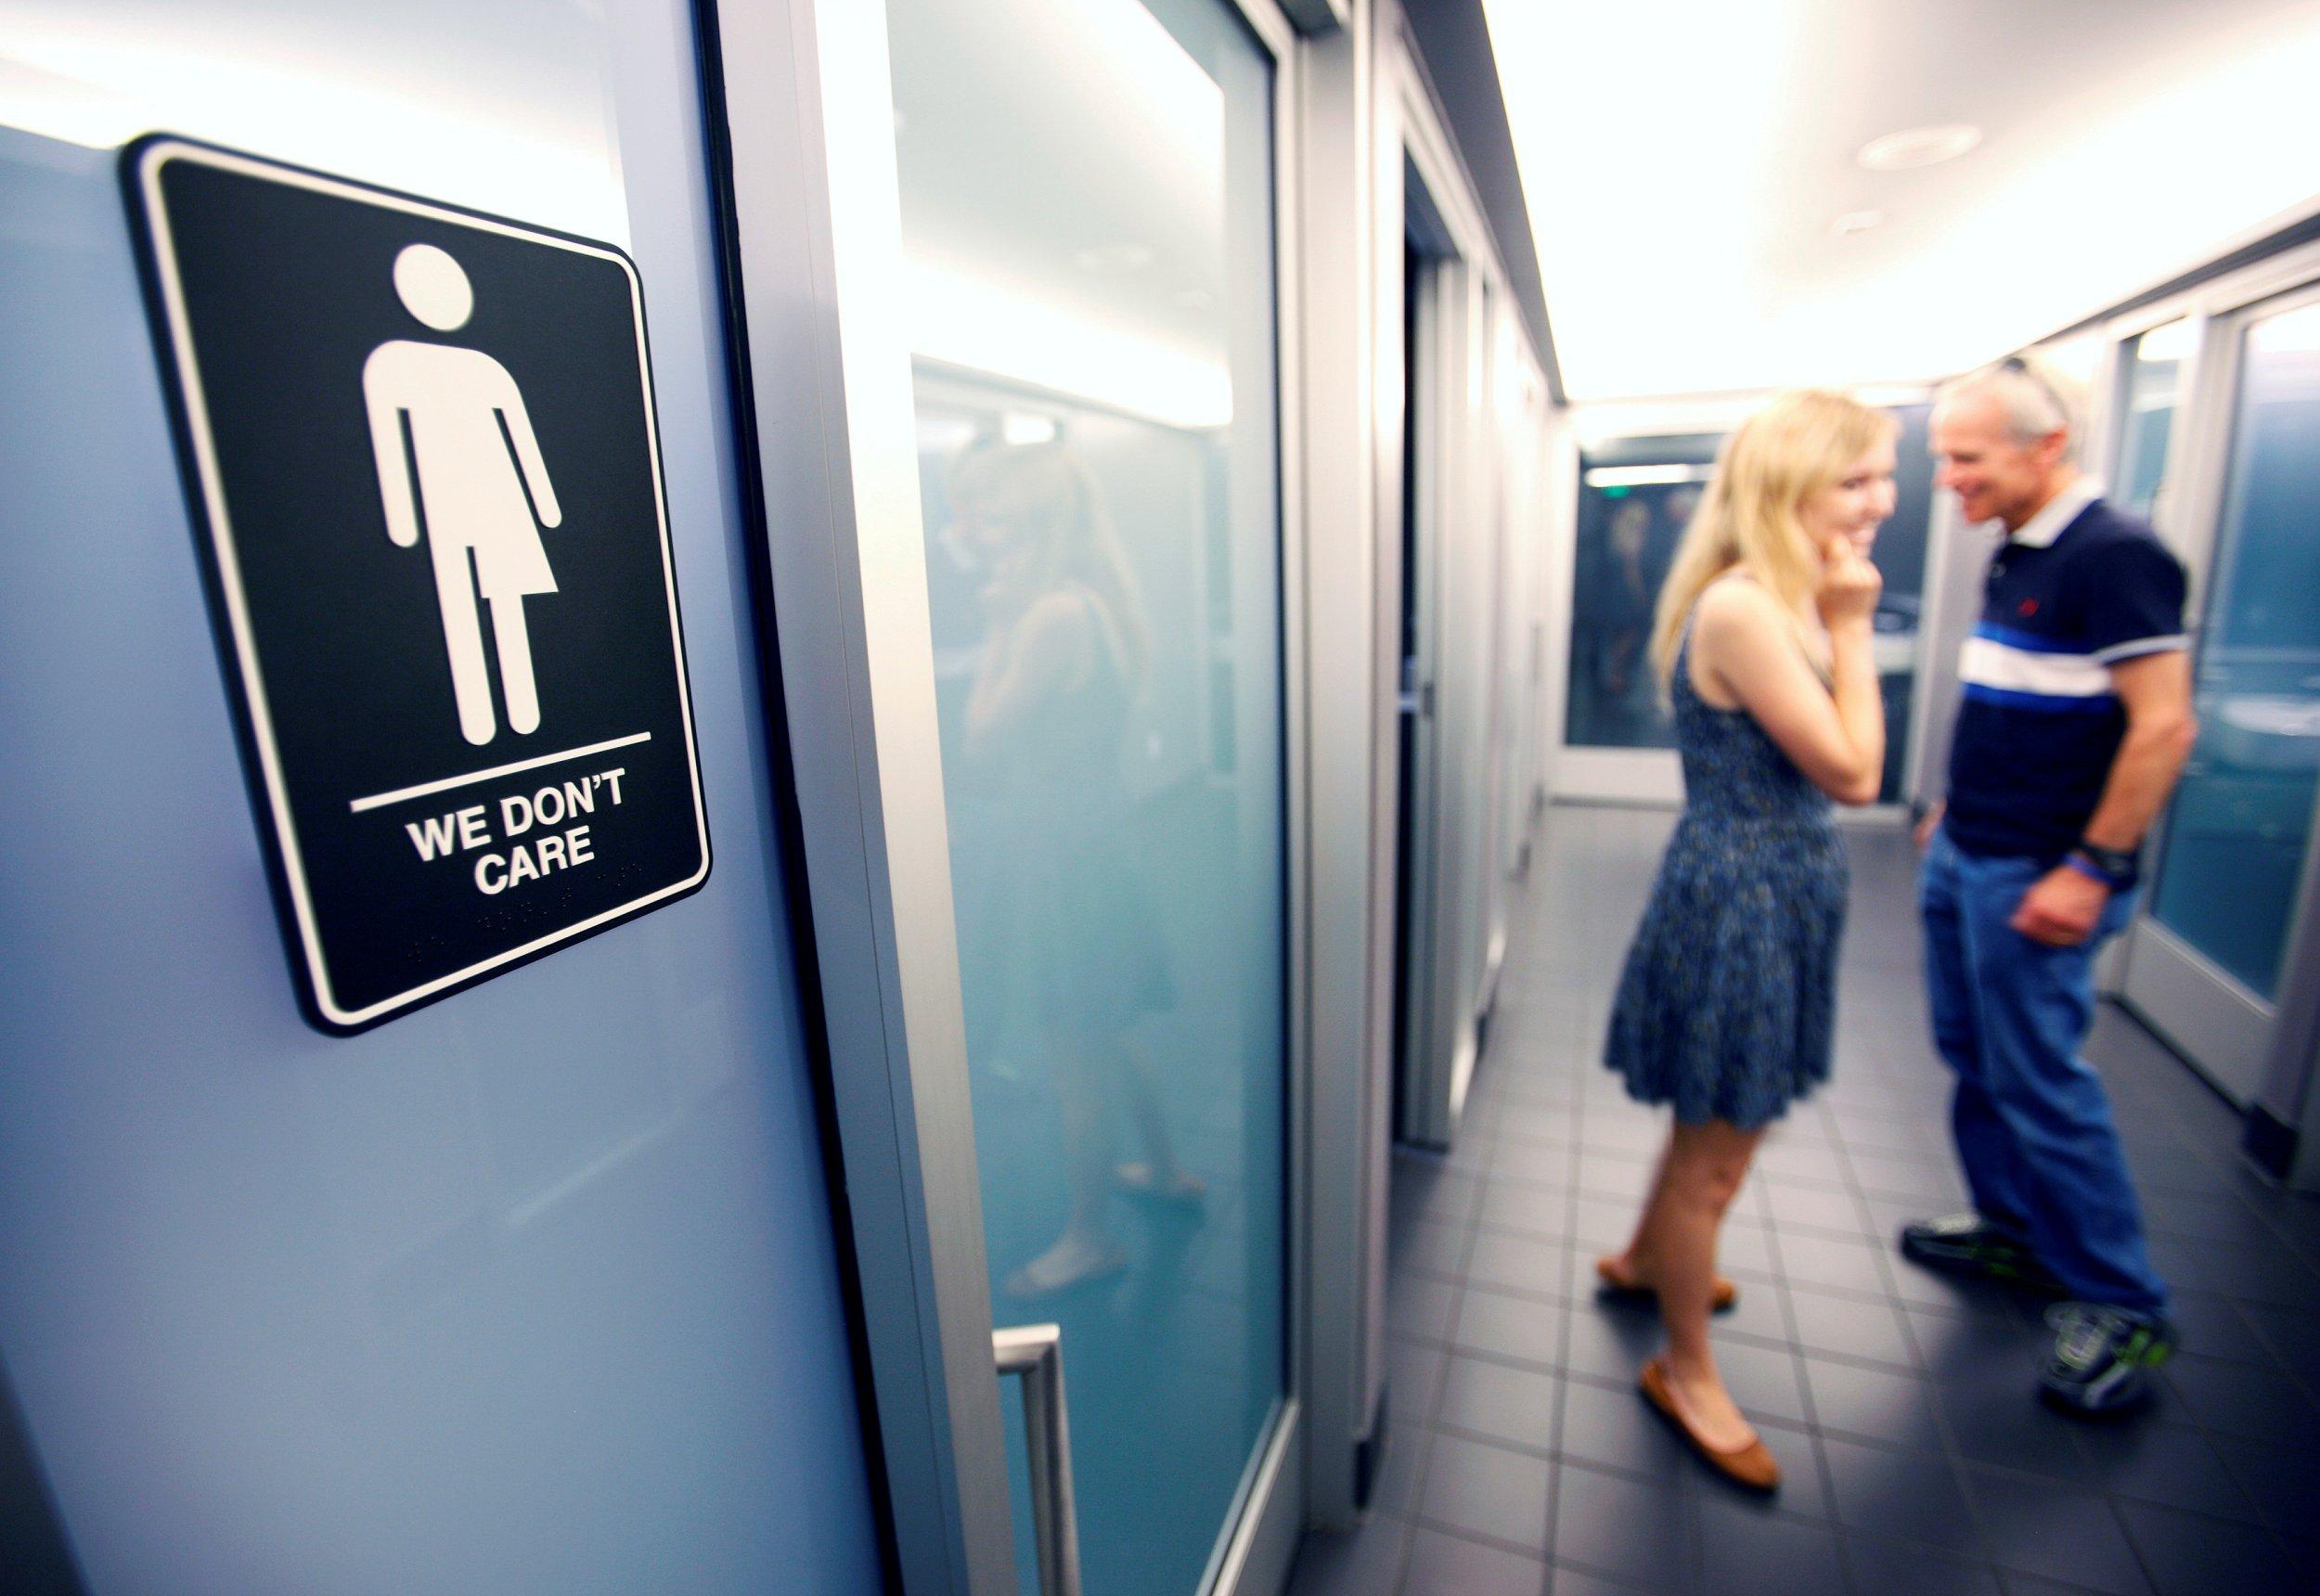 05_27_Transgender_bathroom_01